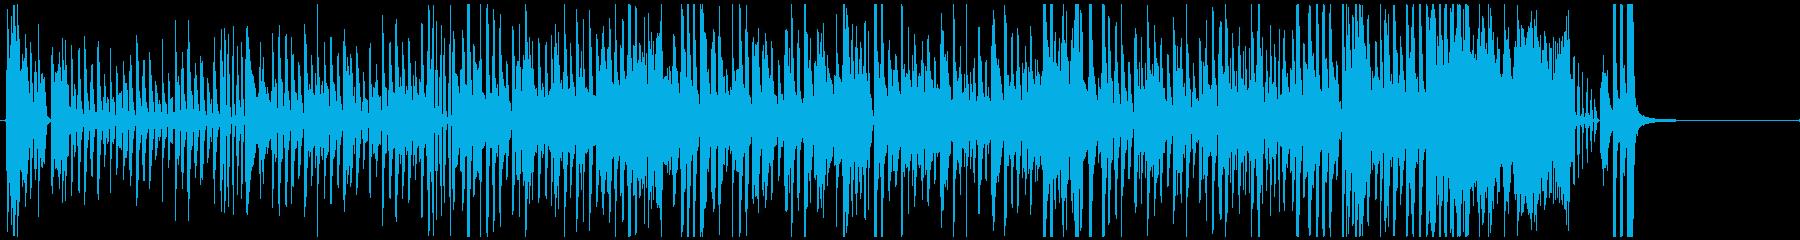 ジャズ系ハロウィン ショートバージョン1の再生済みの波形